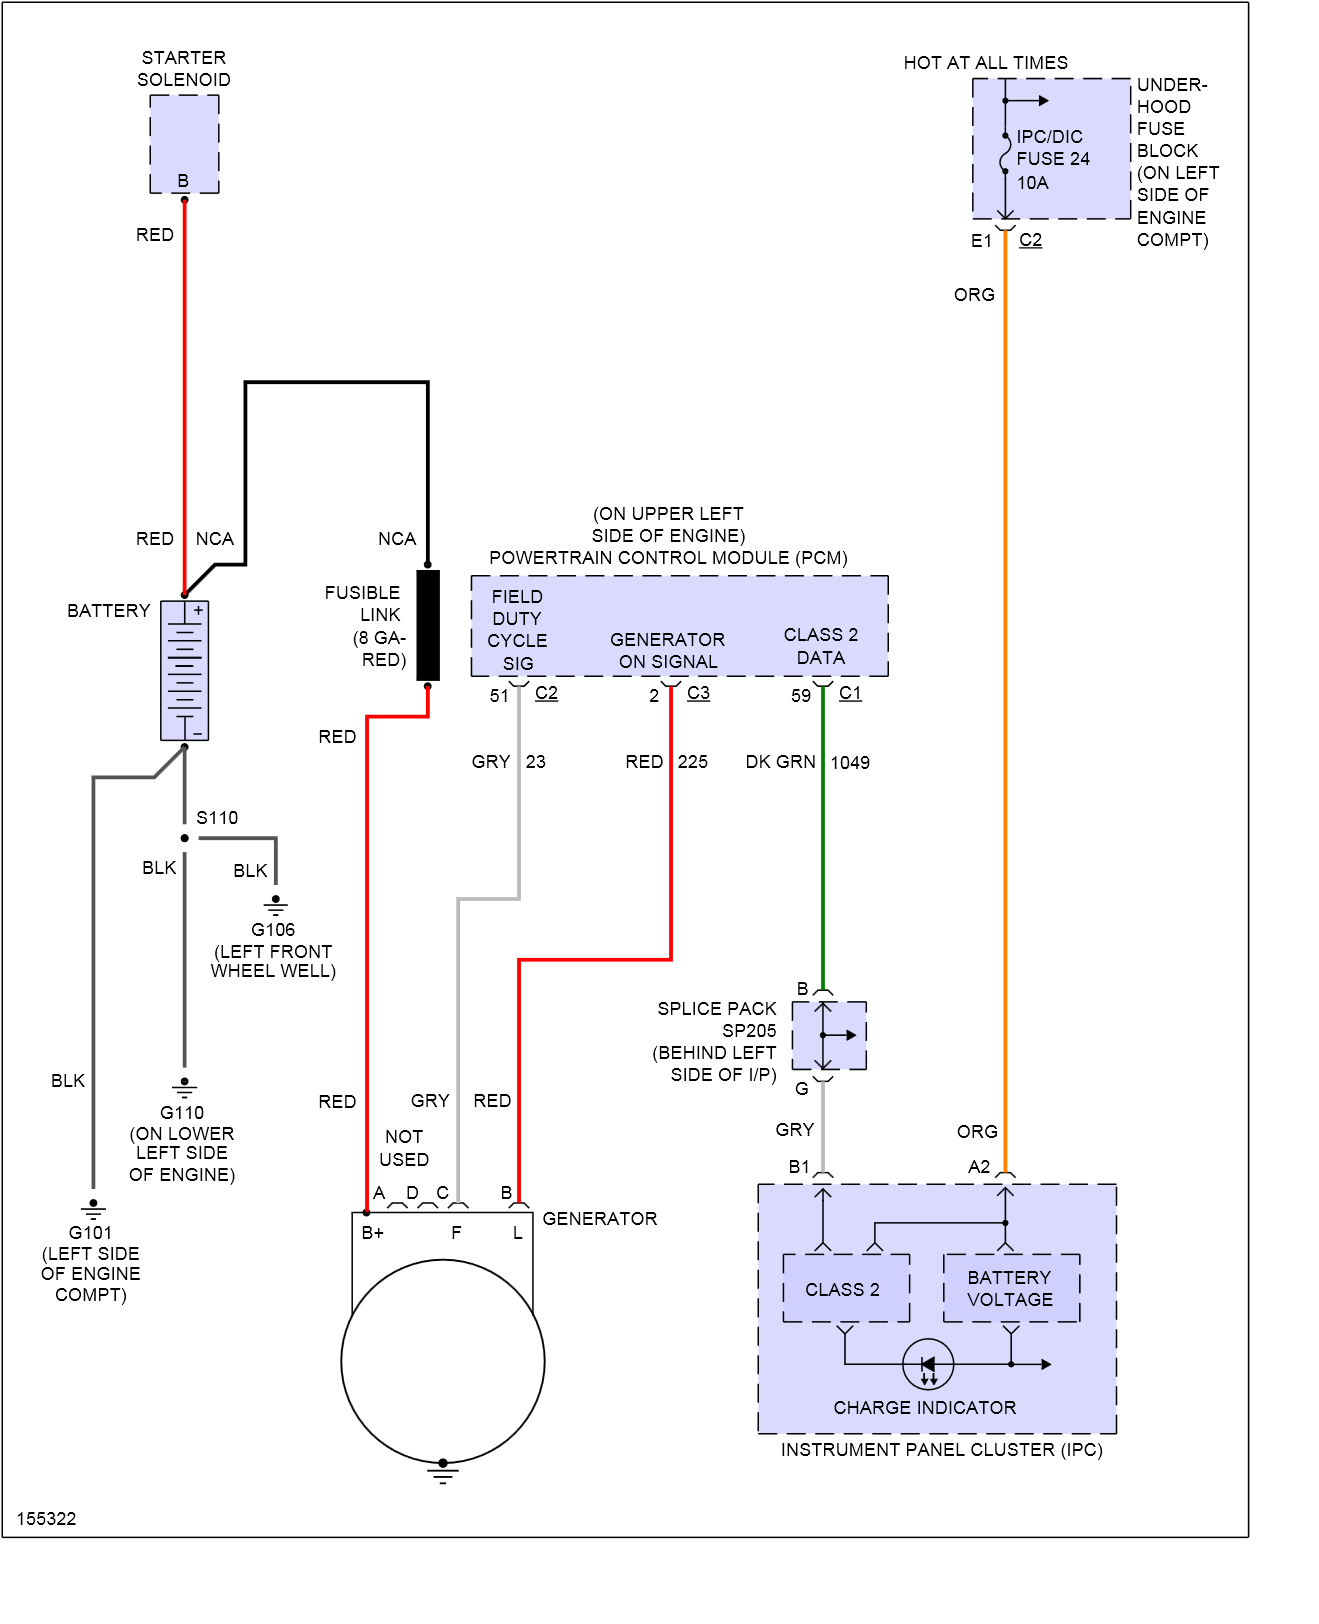 [SCHEMATICS_44OR]  SD_5155] 2003 Chevy Trailblazer Wiring Schematic Free Diagram | 2002 Trailblazer Wiring Harness Diagram |  | Ehir Feren Hopad Hist Licuk Momece Mohammedshrine Librar Wiring 101